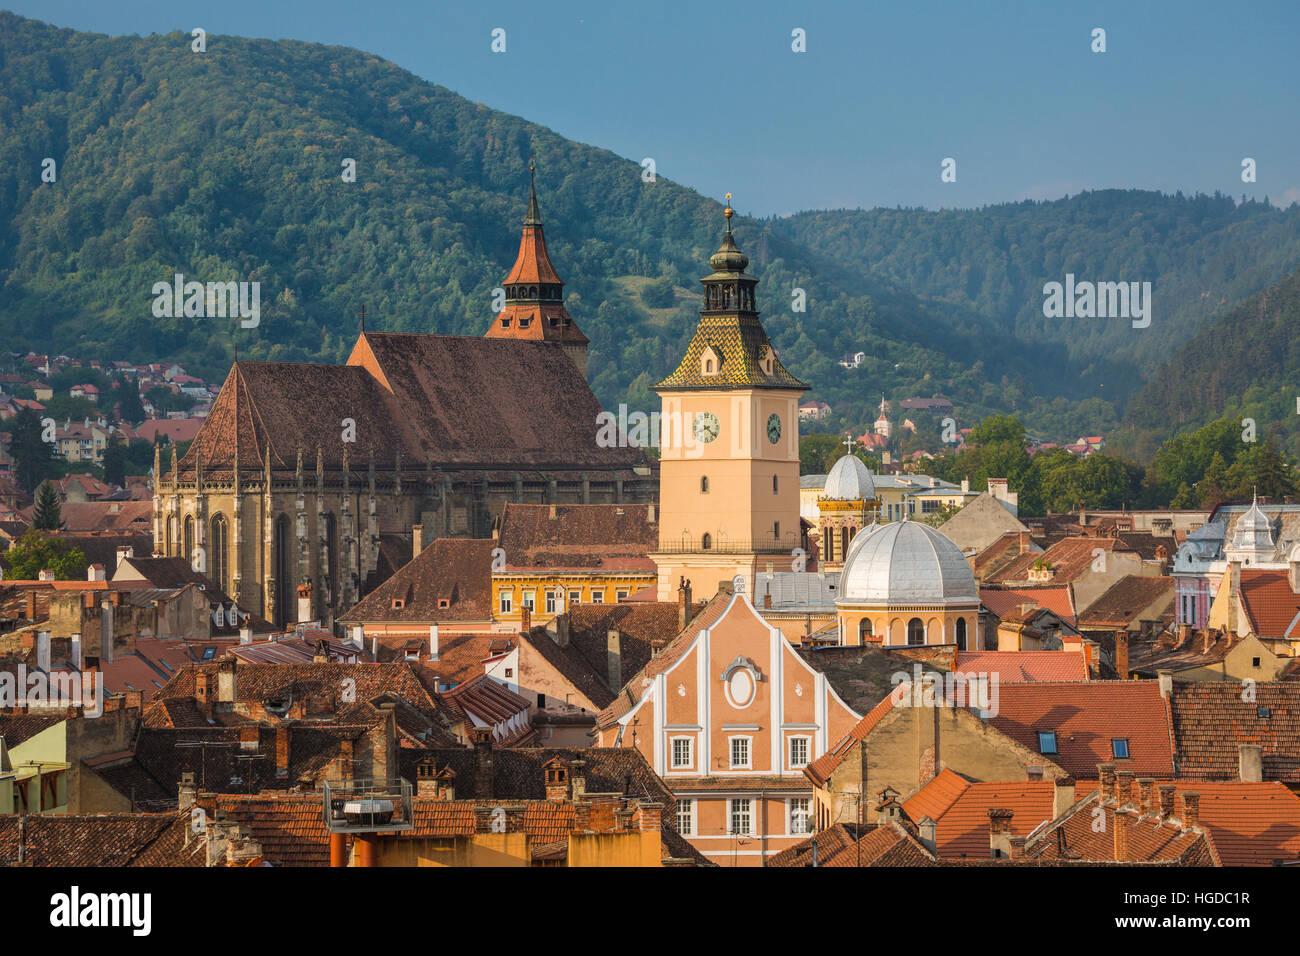 Romania, Transylvania, Brasow City, The Black Roof - Stock Image